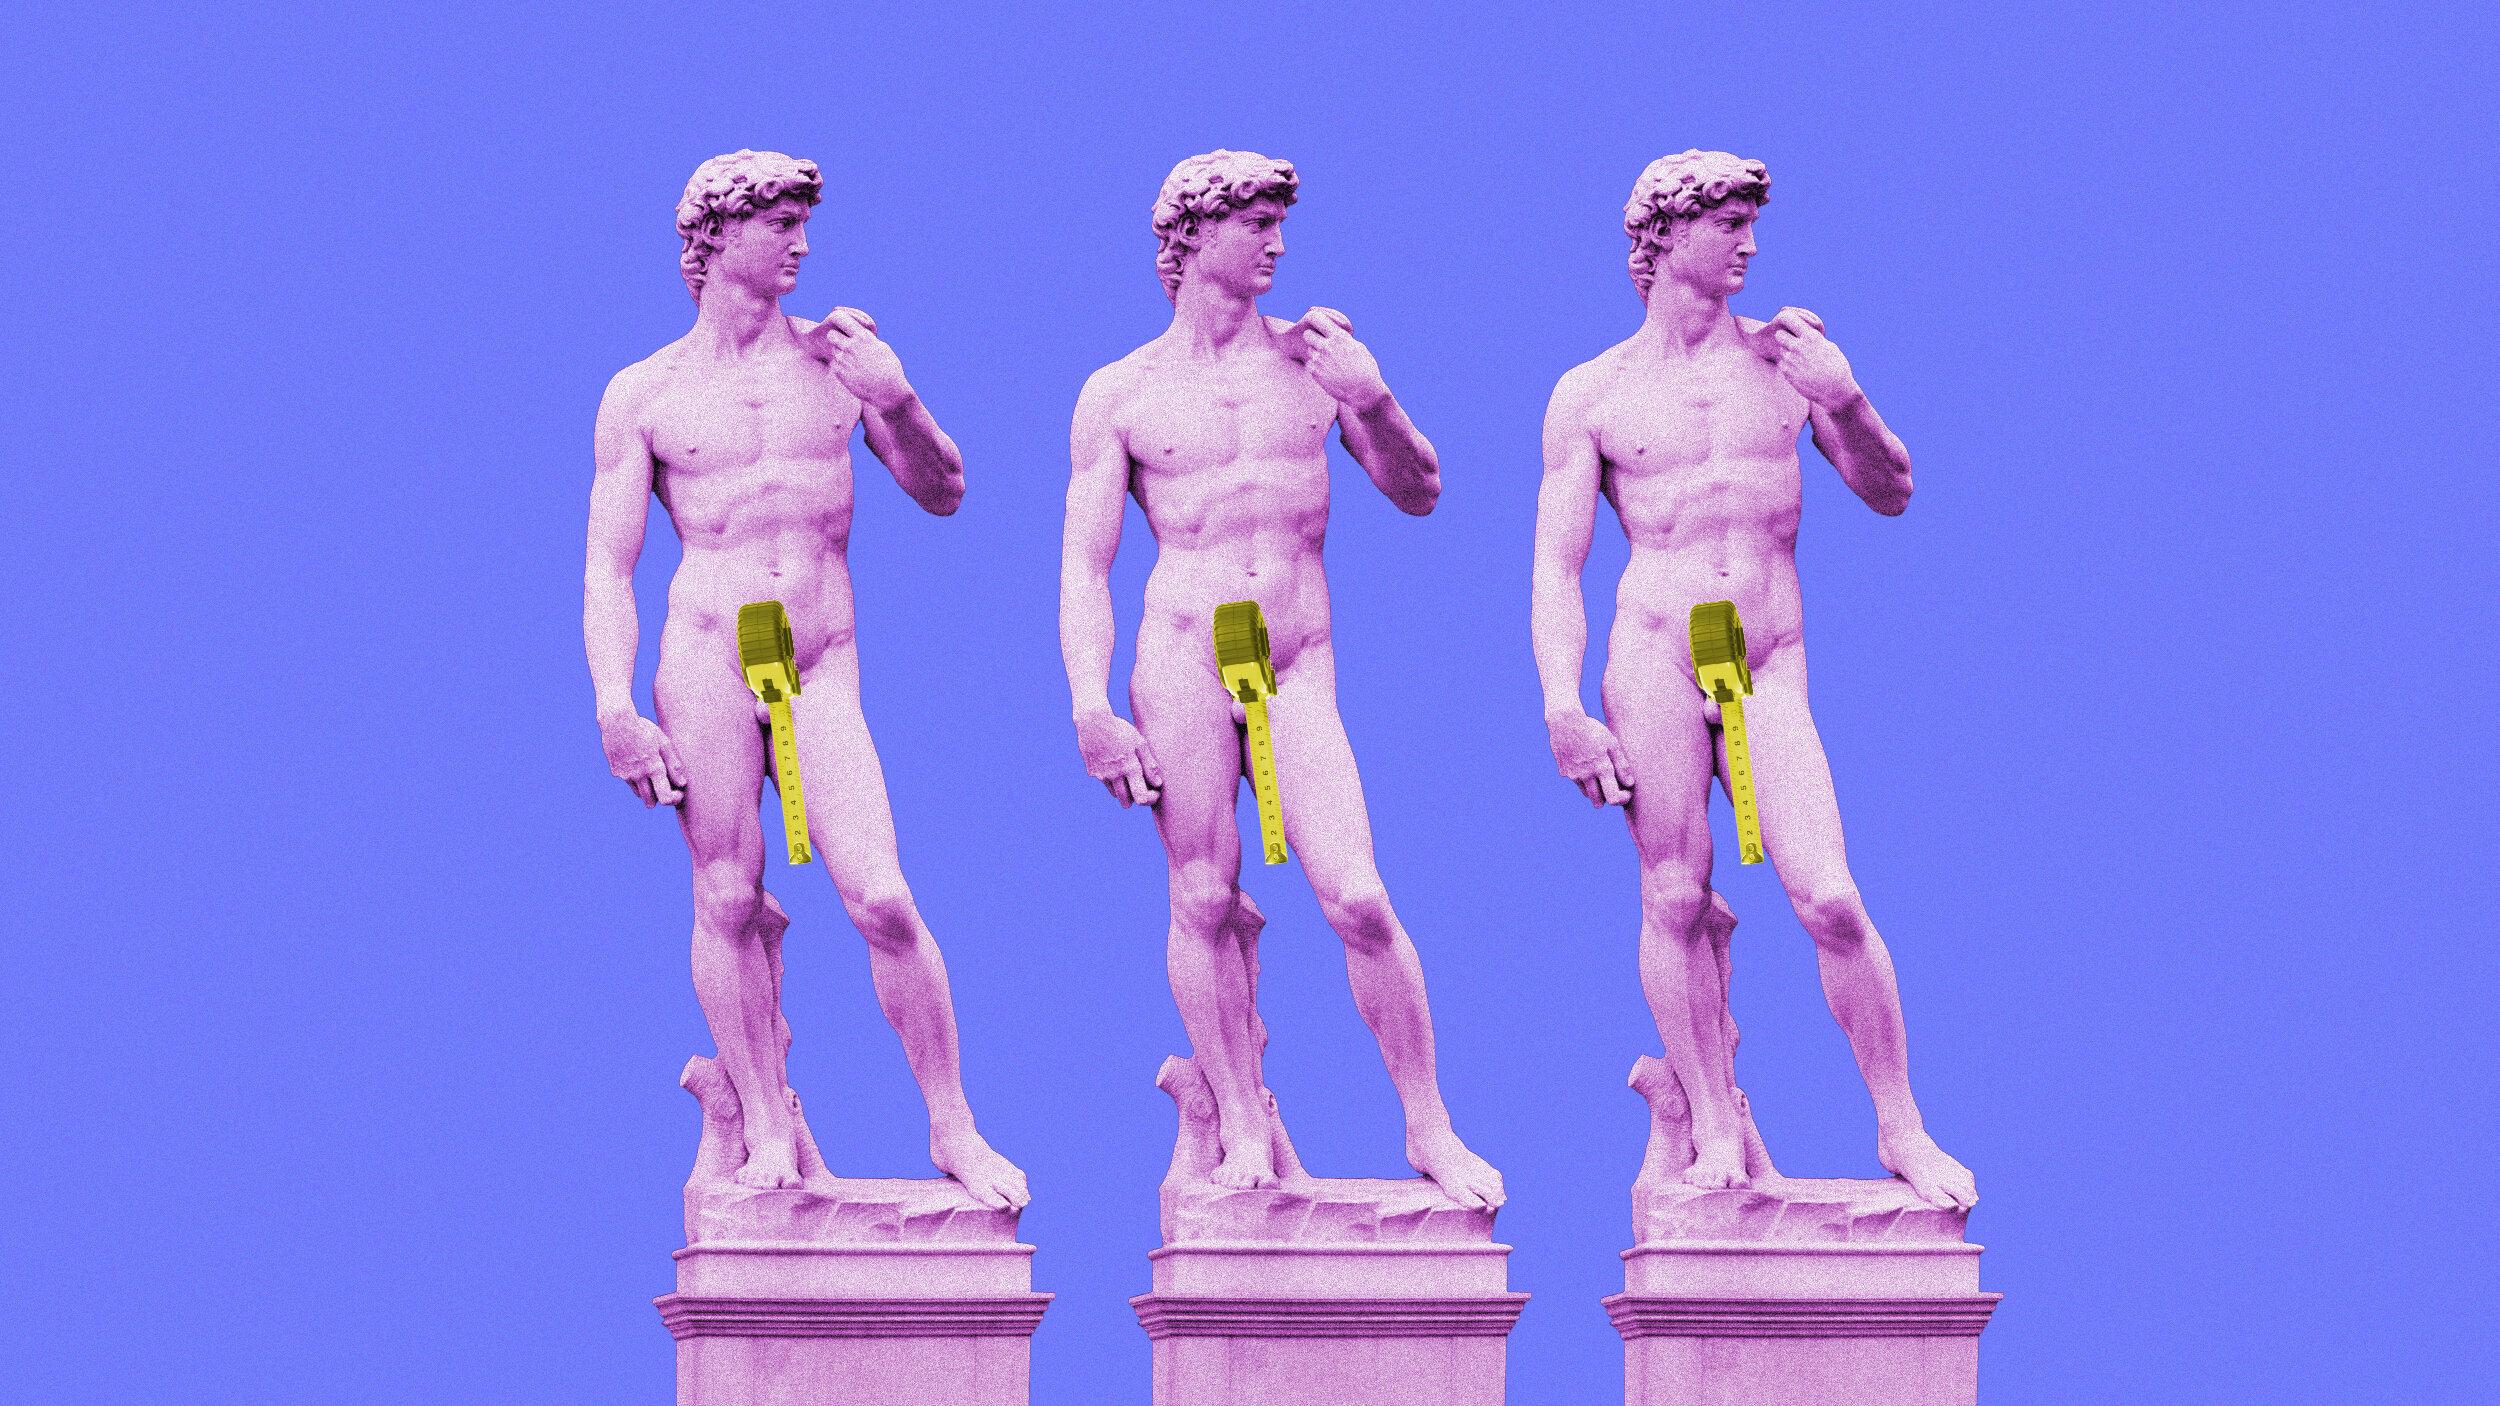 Free web cam nude shows cam 4